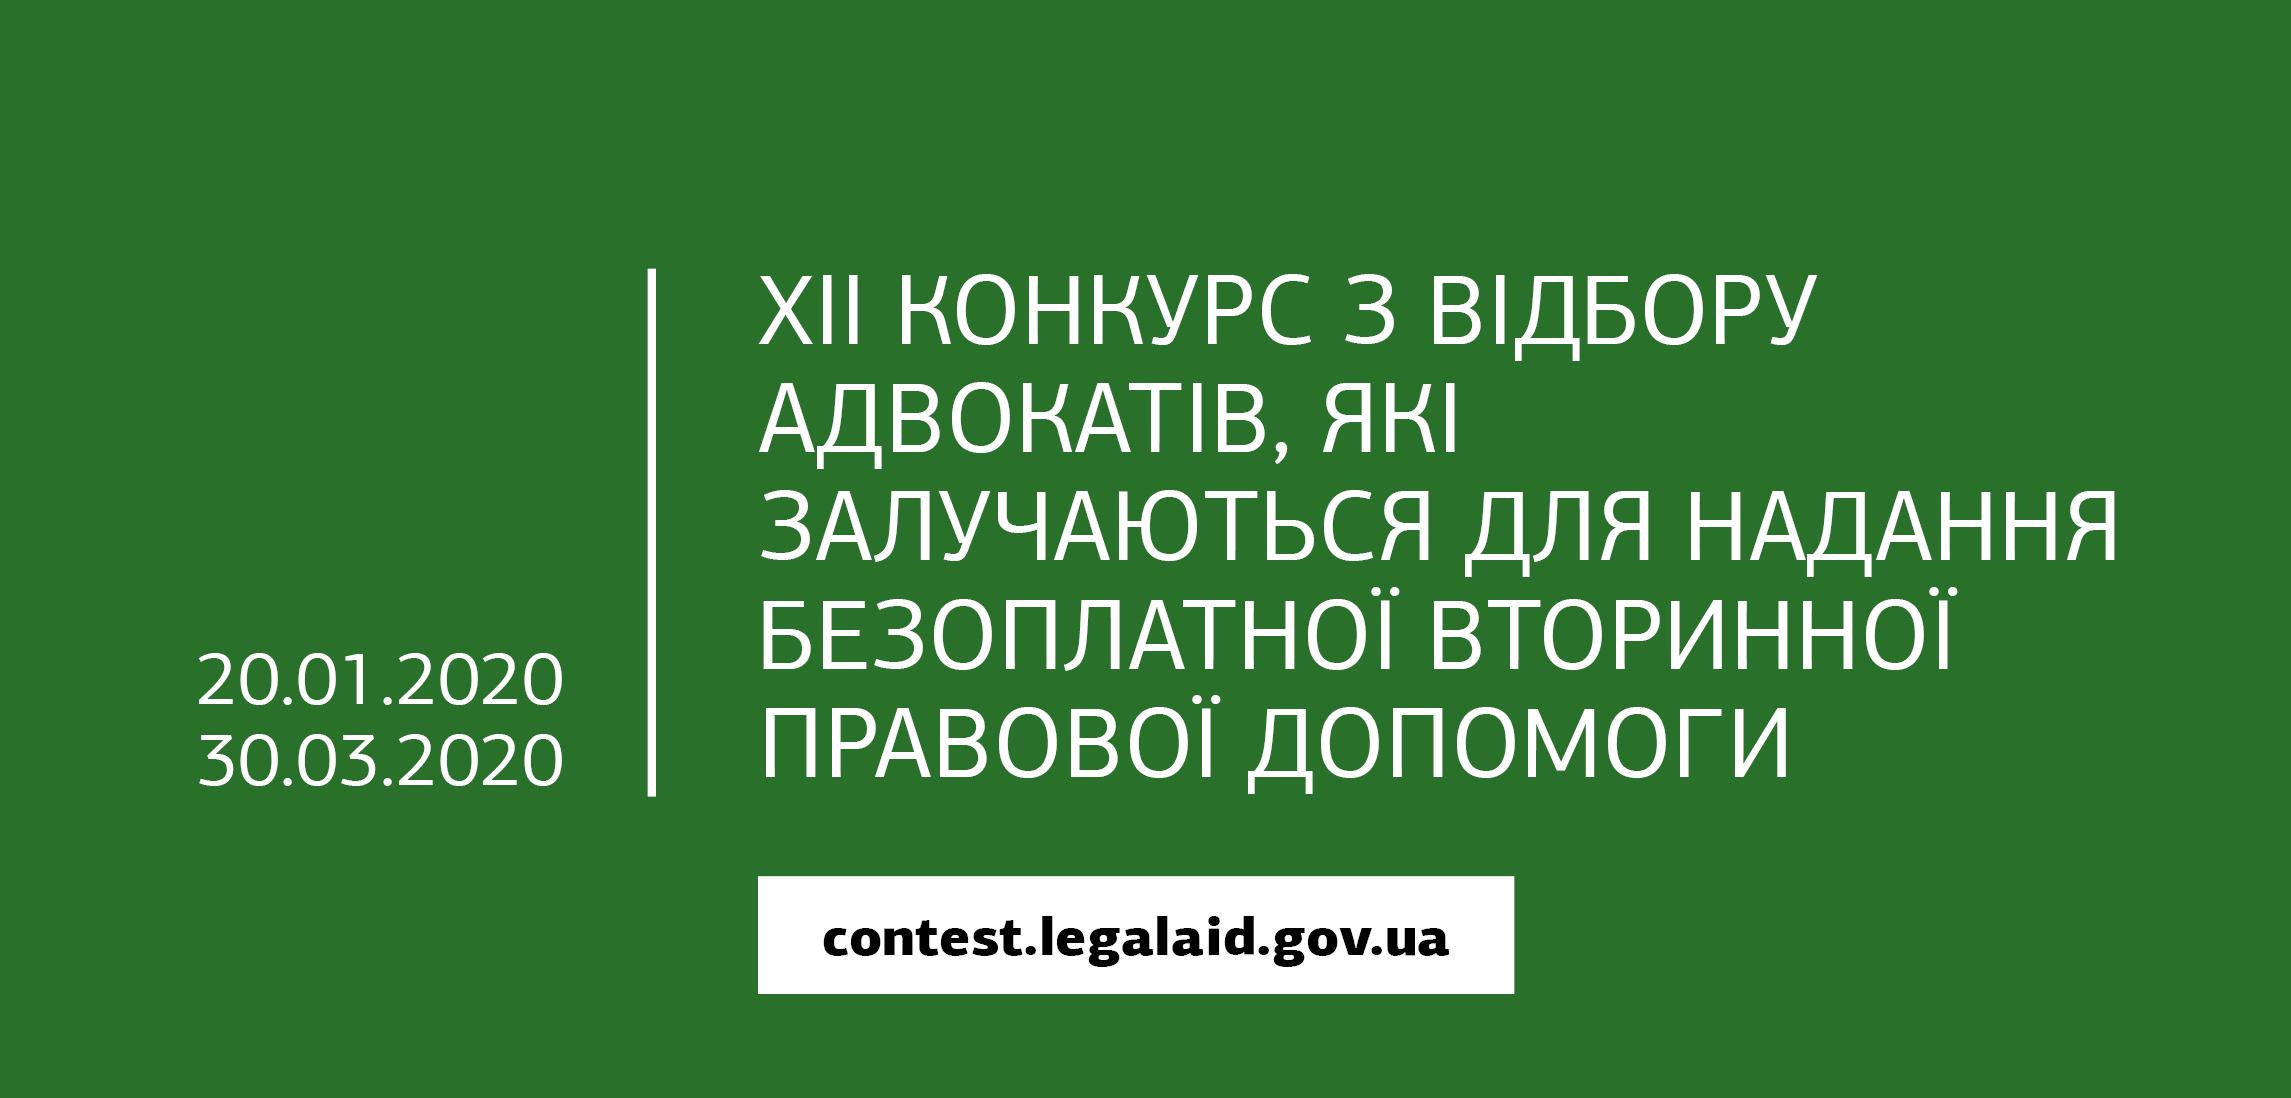 konkursadv_zastavka